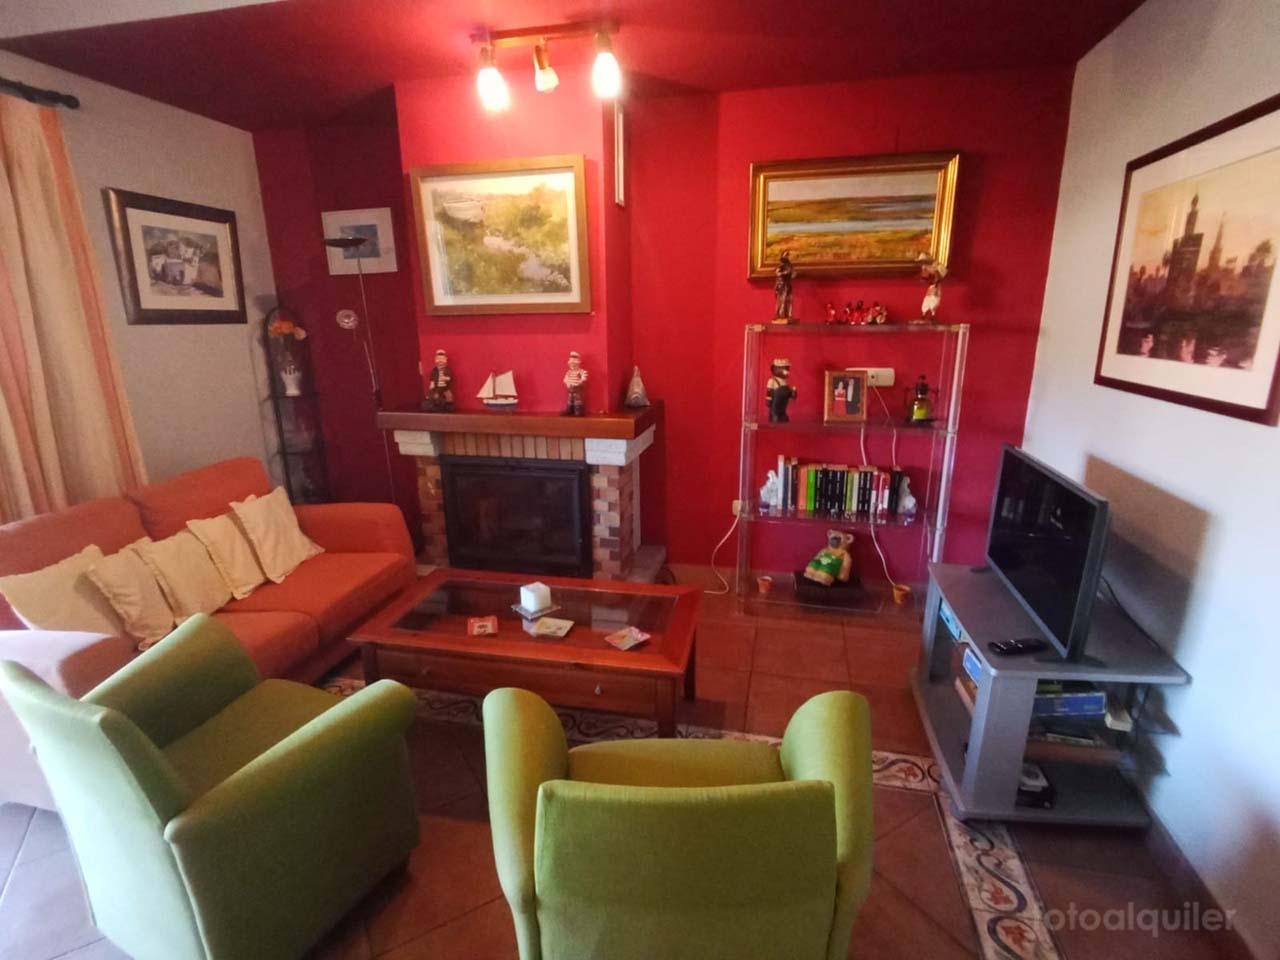 Alquiler chalet tres dormitorios en Islantilla, Urbanización Veconsa Hoyo 12